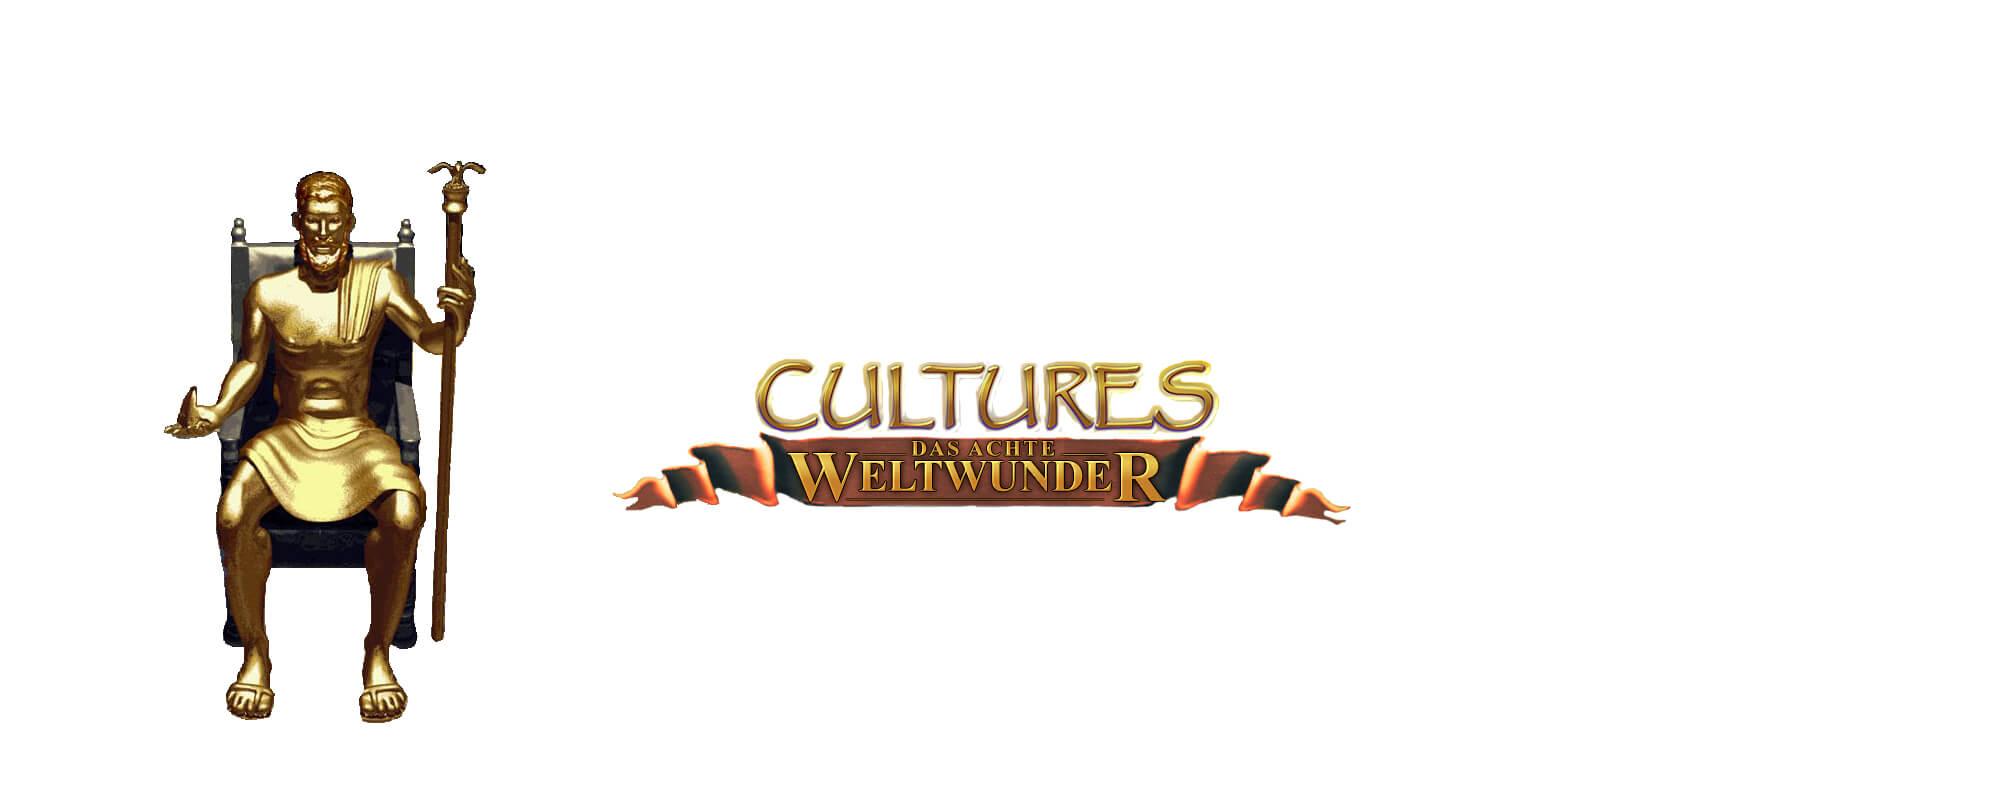 Cultures: Das achte Weltwunder (Bildrechte: Runesoft)